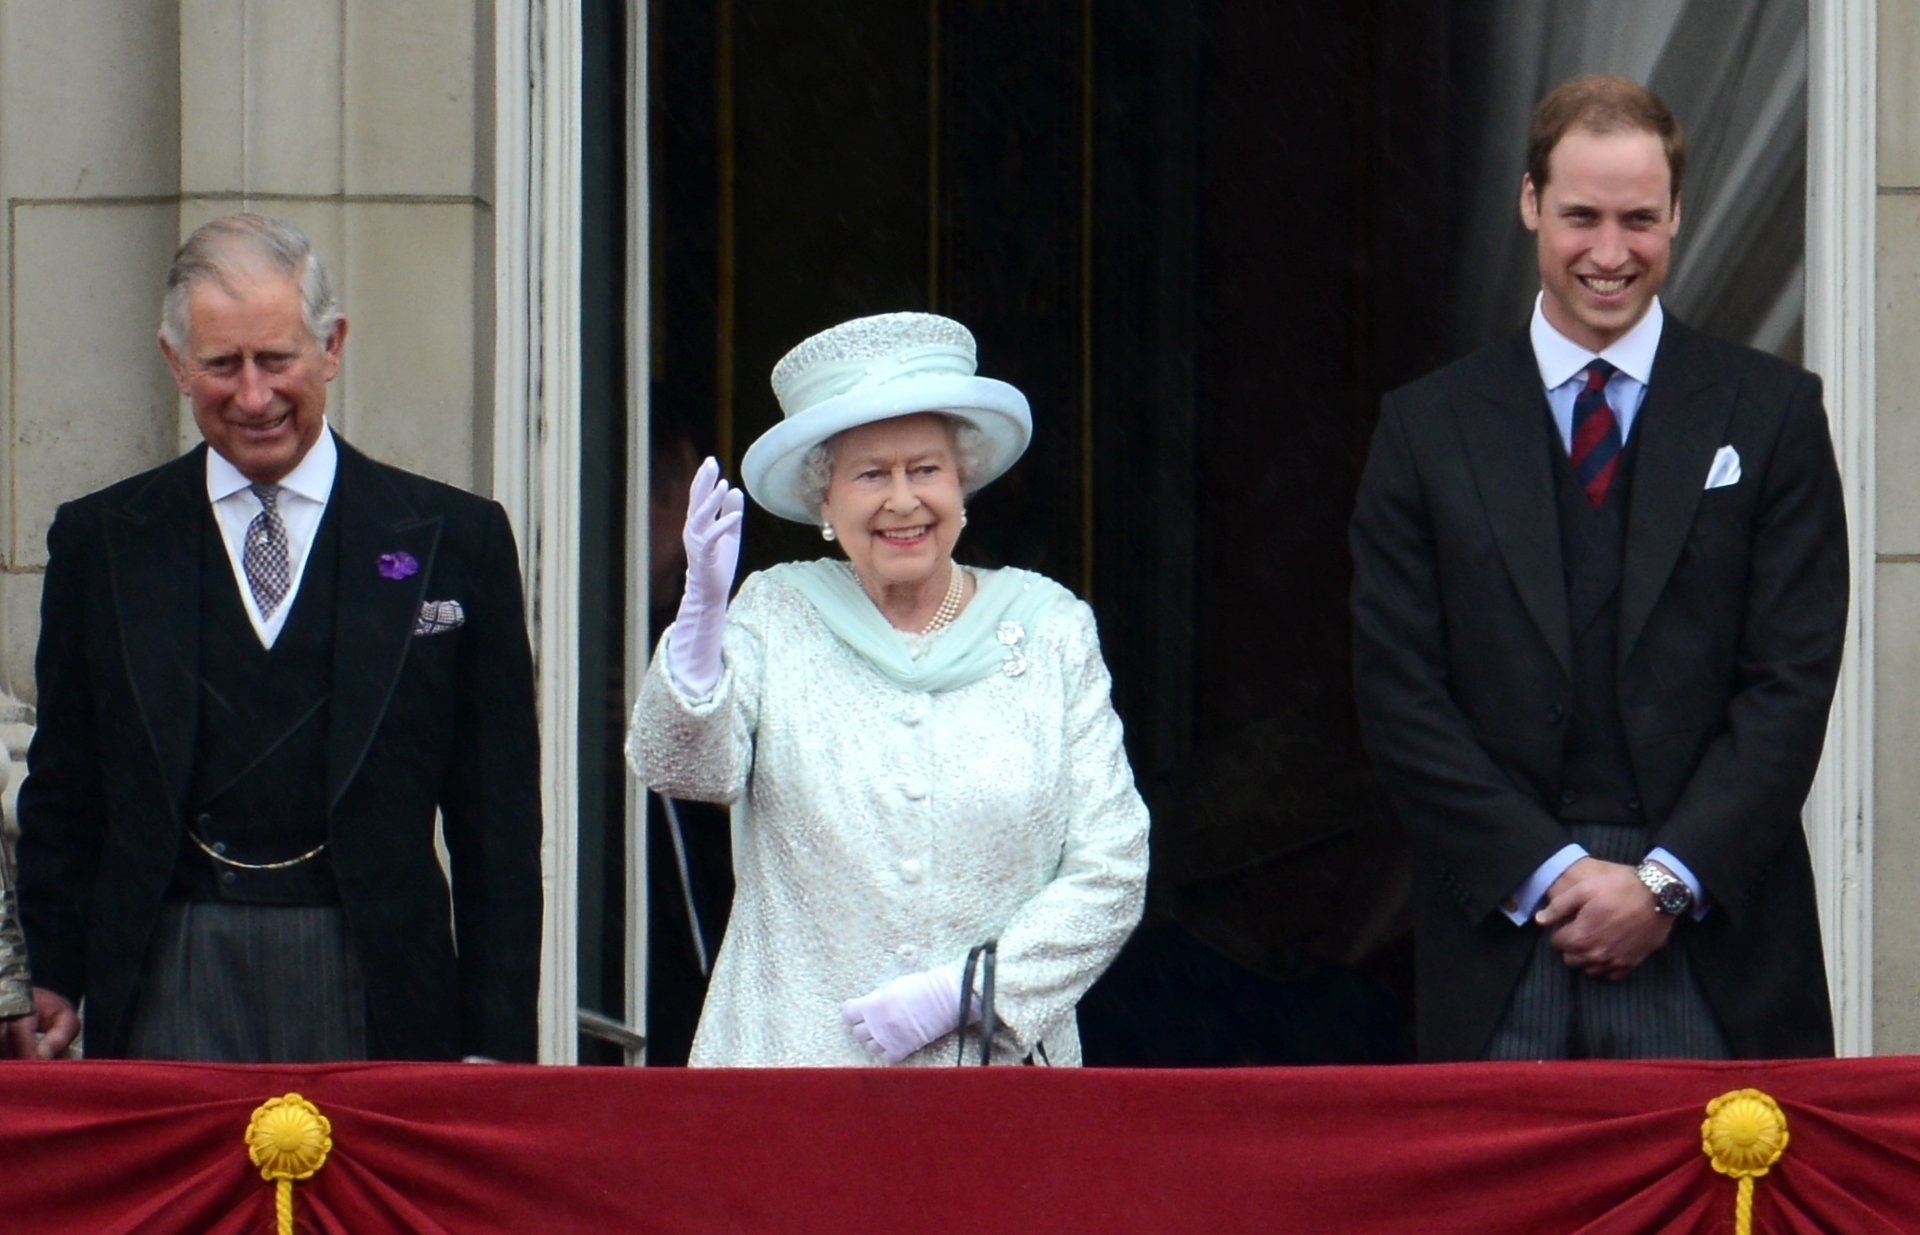 """Prinz Charles gilt schon jetzt als """"Schattenkönig"""": Er vertritt Queen Elizabeth II. immer häufiger. In der Gunst der Briten liegt aber sein Sohn William vorne. Wer wäre der bessere König?  ©ZDF/dpa/Tobias Hase"""